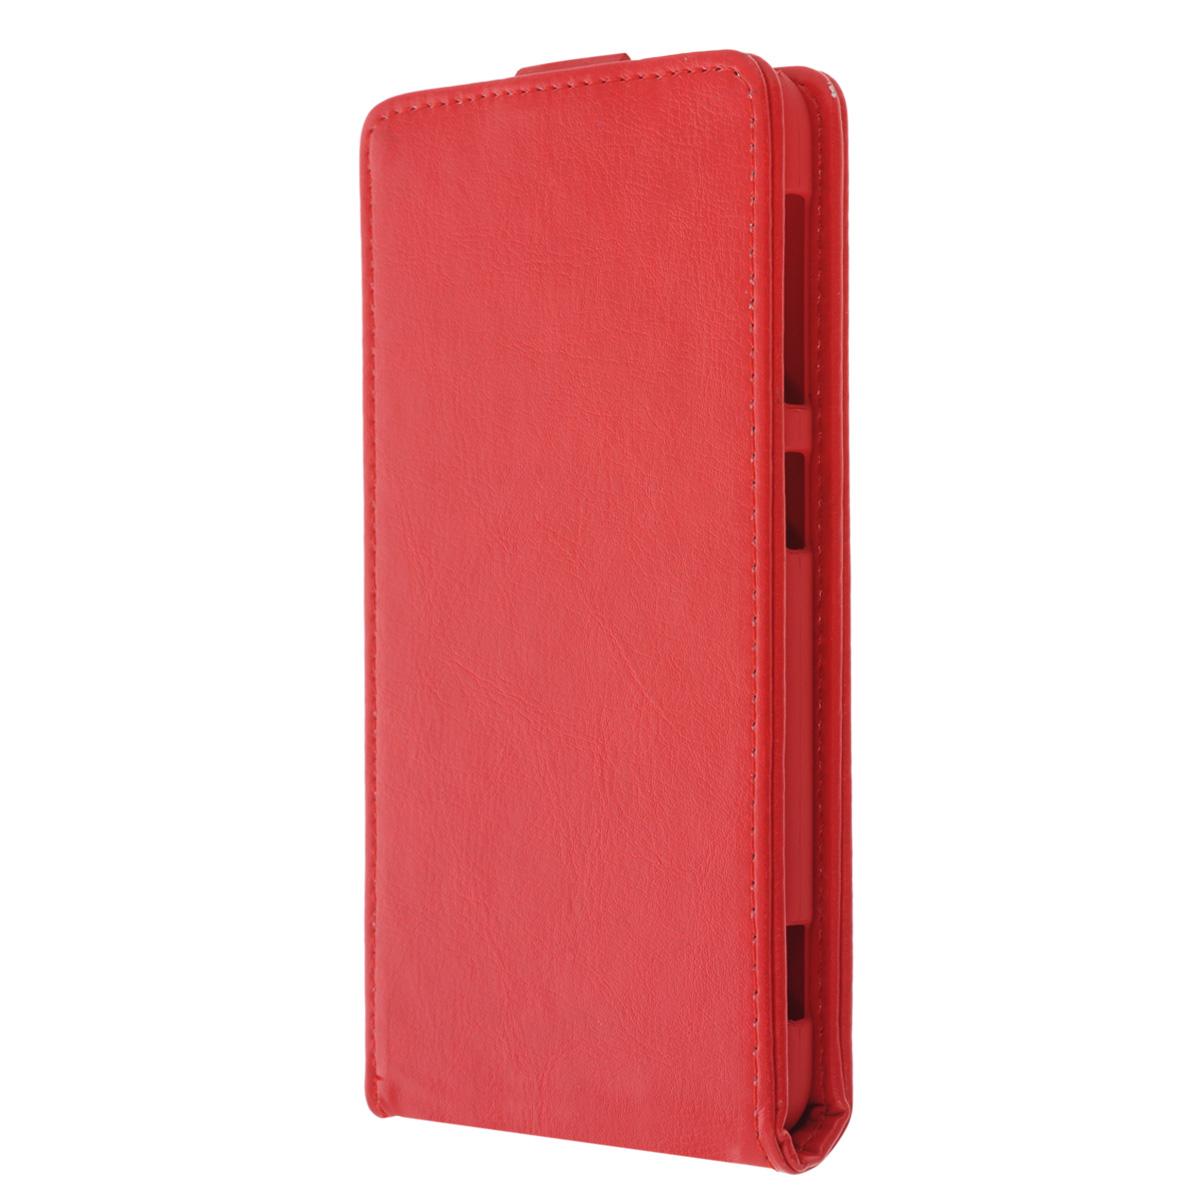 Skinbox Flip Case чехол для HTC Desire Eye, RedT-F-HDEYEЧехол Skinbox Flip Case выполнен из высококачественного поликарбоната и экокожи. Он надежно защитит ваше устройство от пыли, влаги и механических повреждений. Обеспечивает свободный доступ ко всем разъемам и клавишам смартфона.